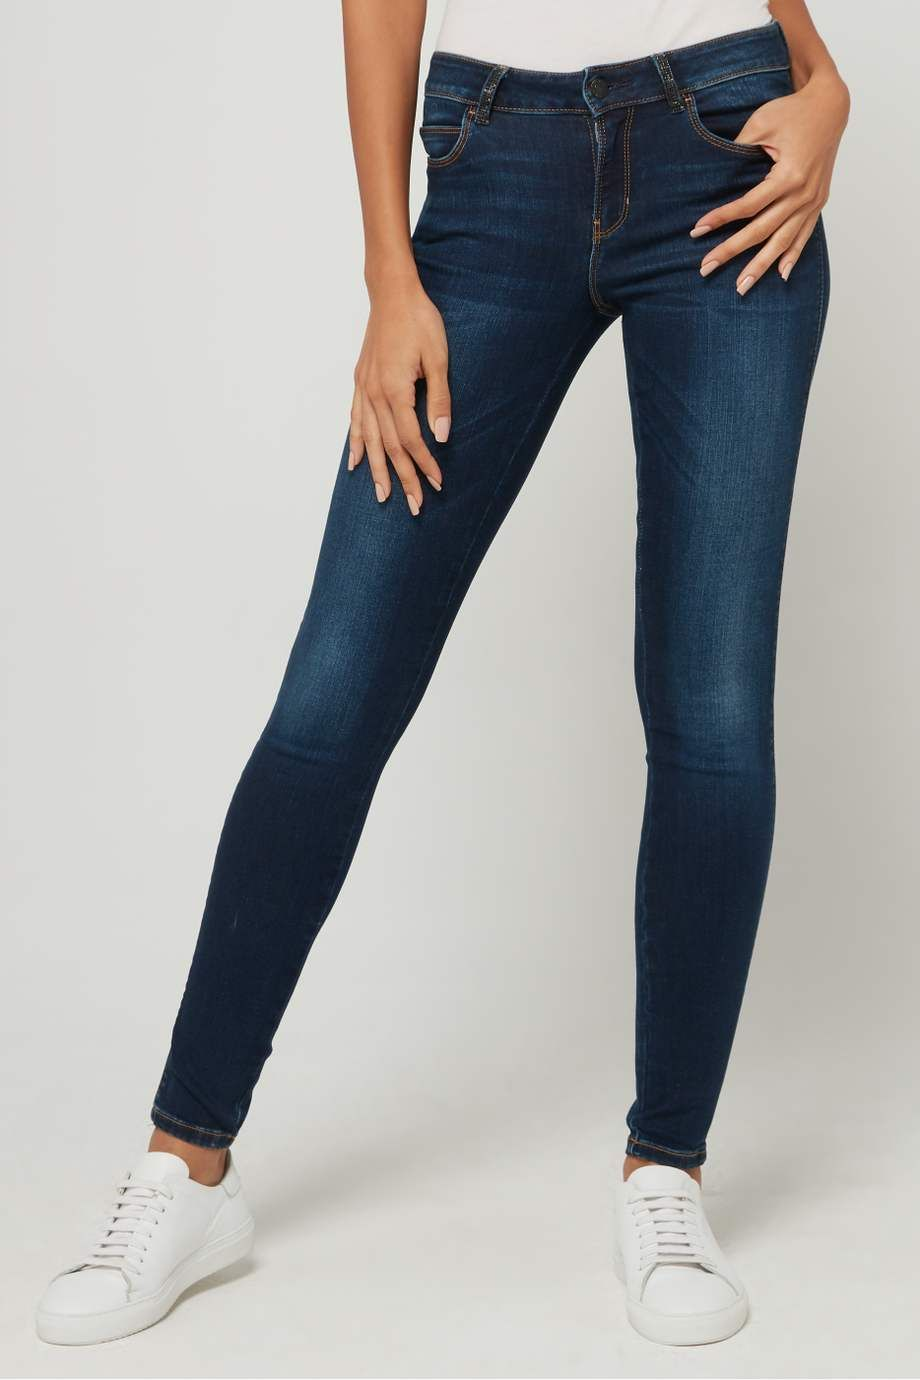 بنطال كولوت بزر للزينة Skinny Jeans Fashion Skinny